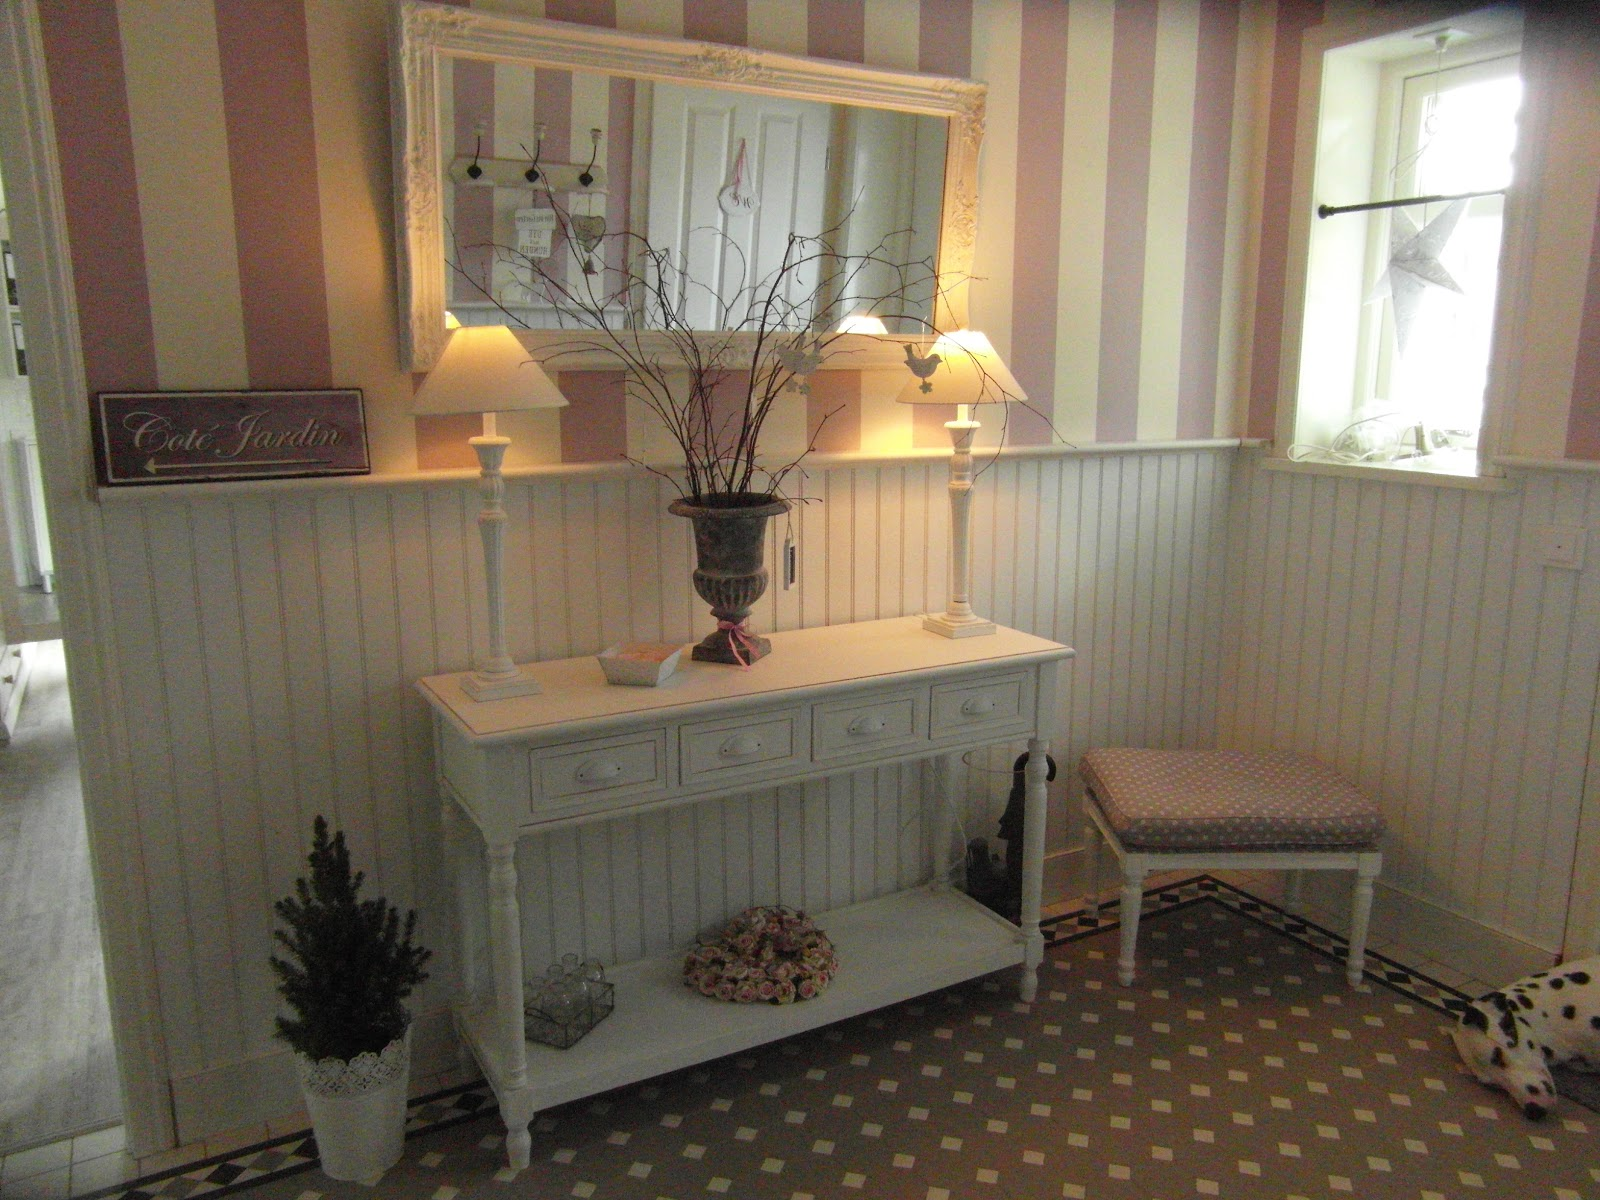 valn t hus weihnachten ist vorbei. Black Bedroom Furniture Sets. Home Design Ideas